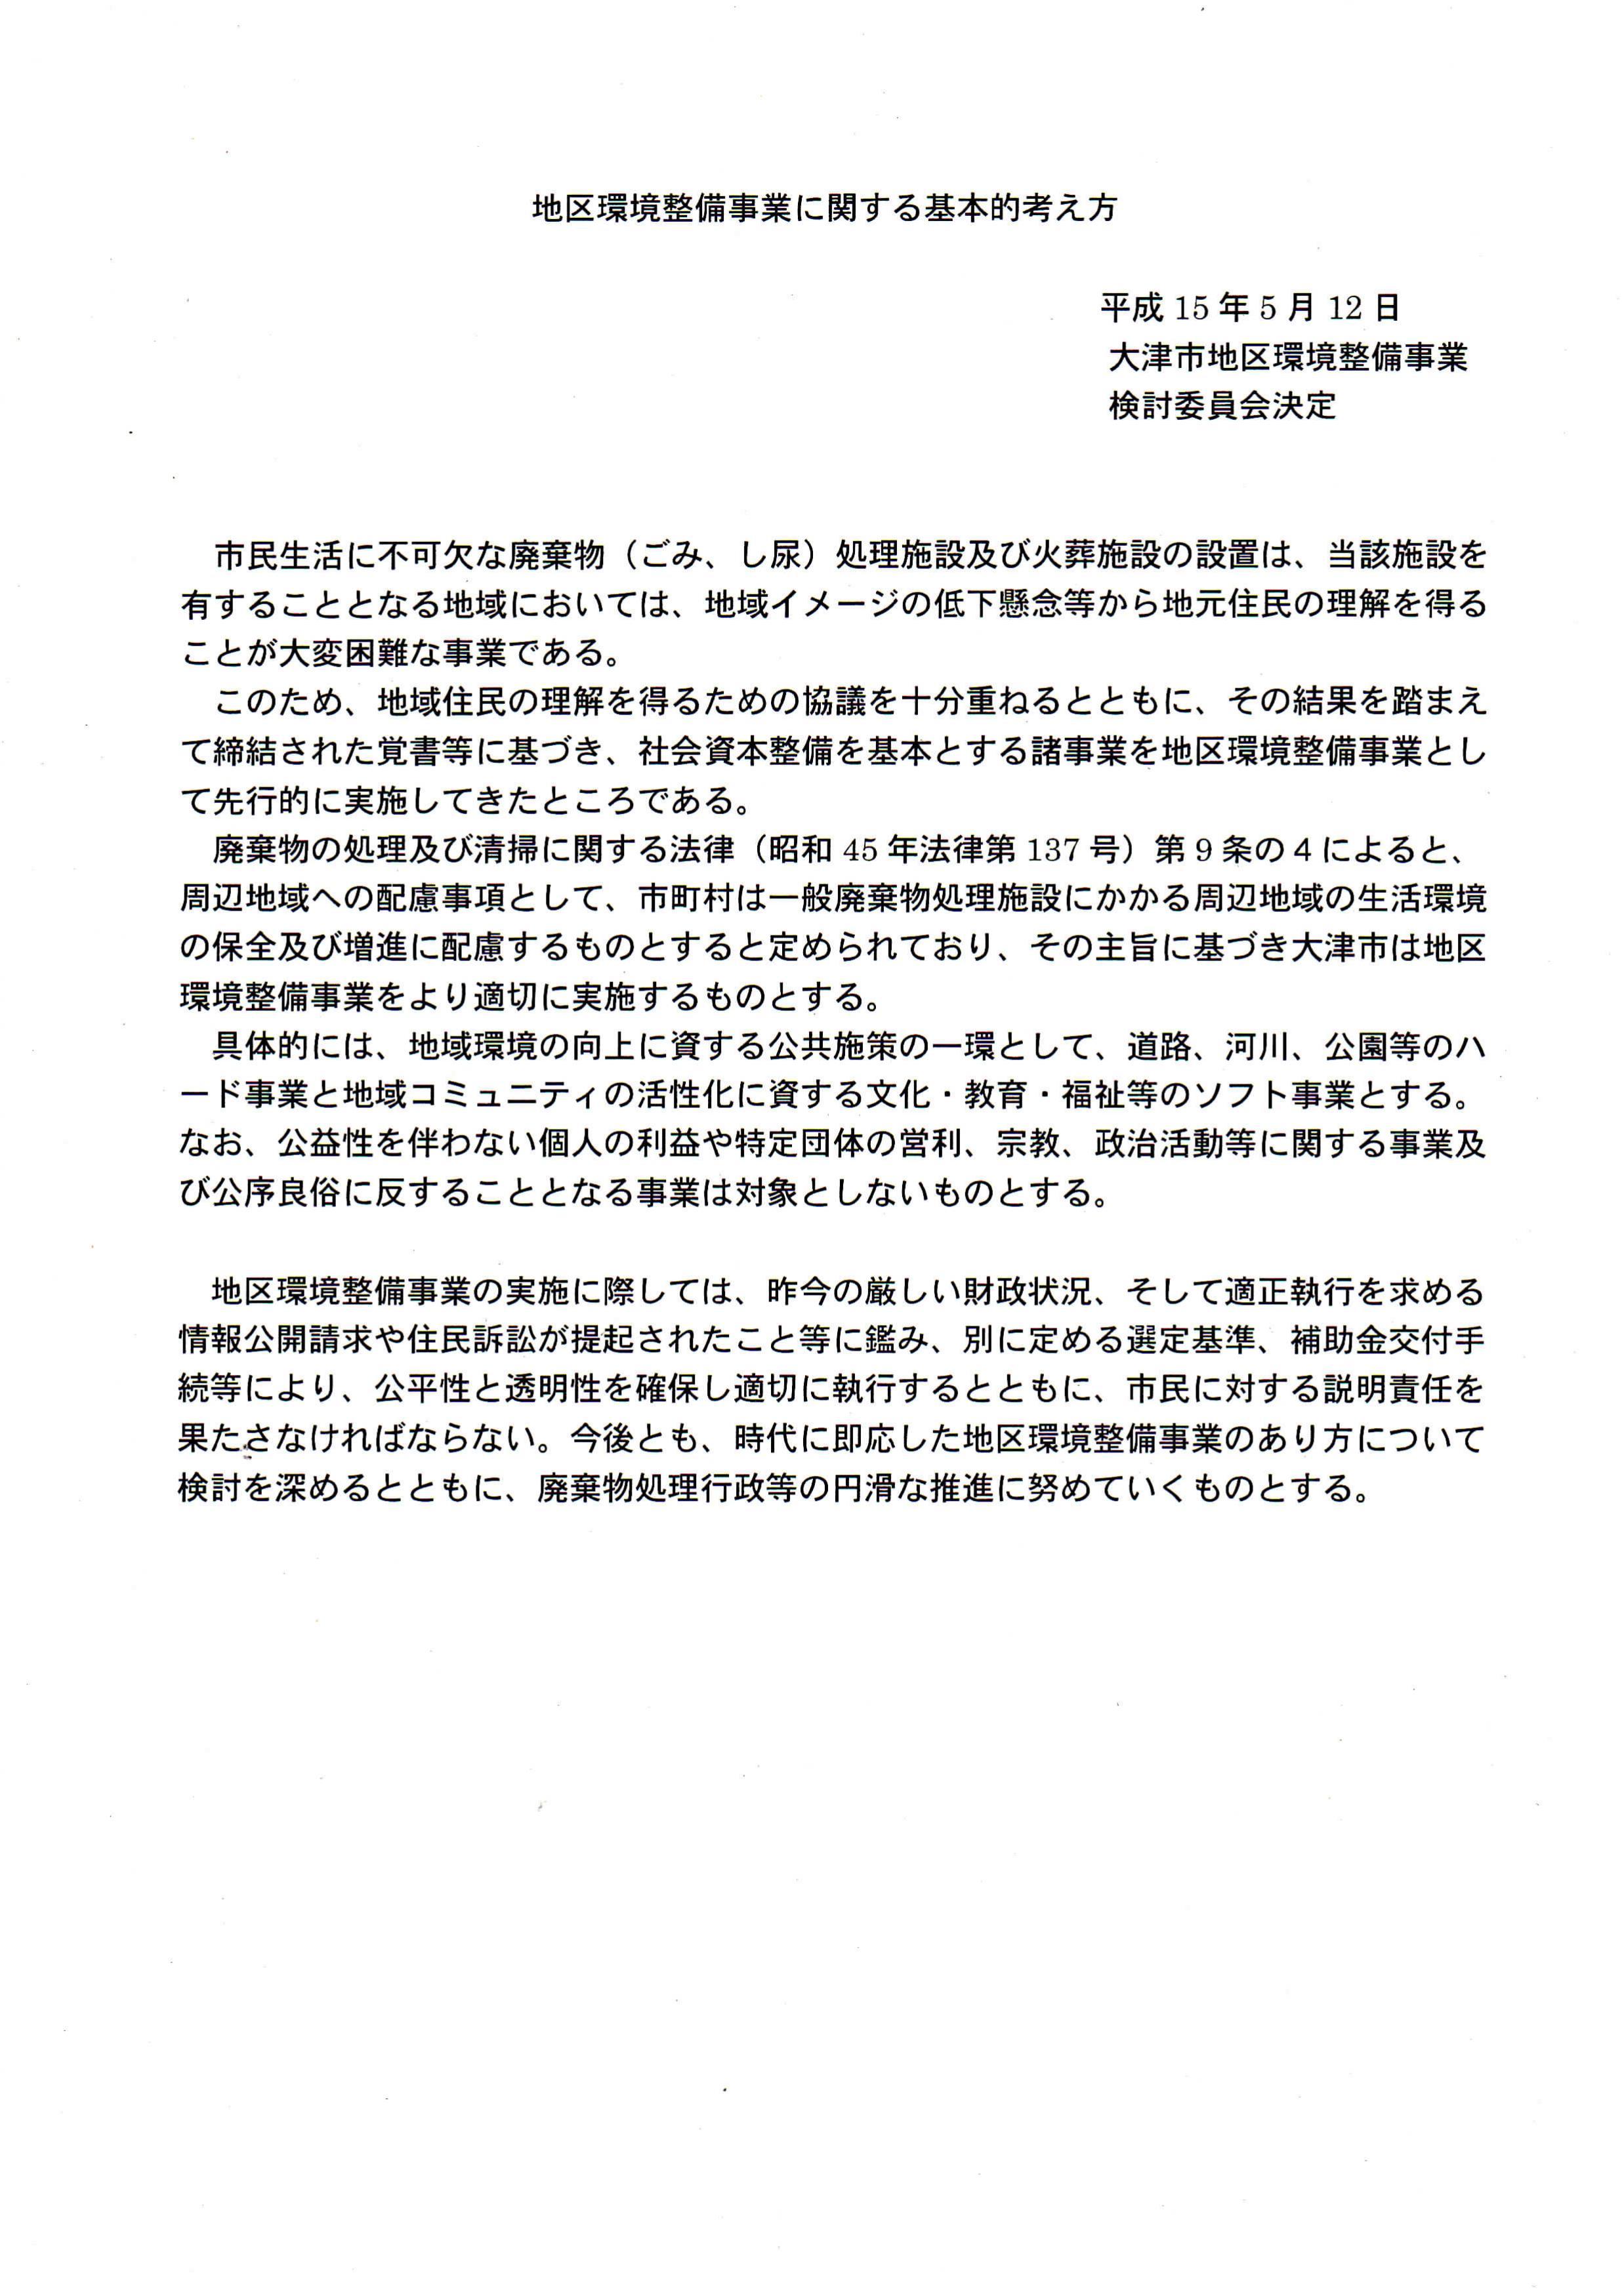 地区環境整備事業の基本的な考え方(H15年)_01